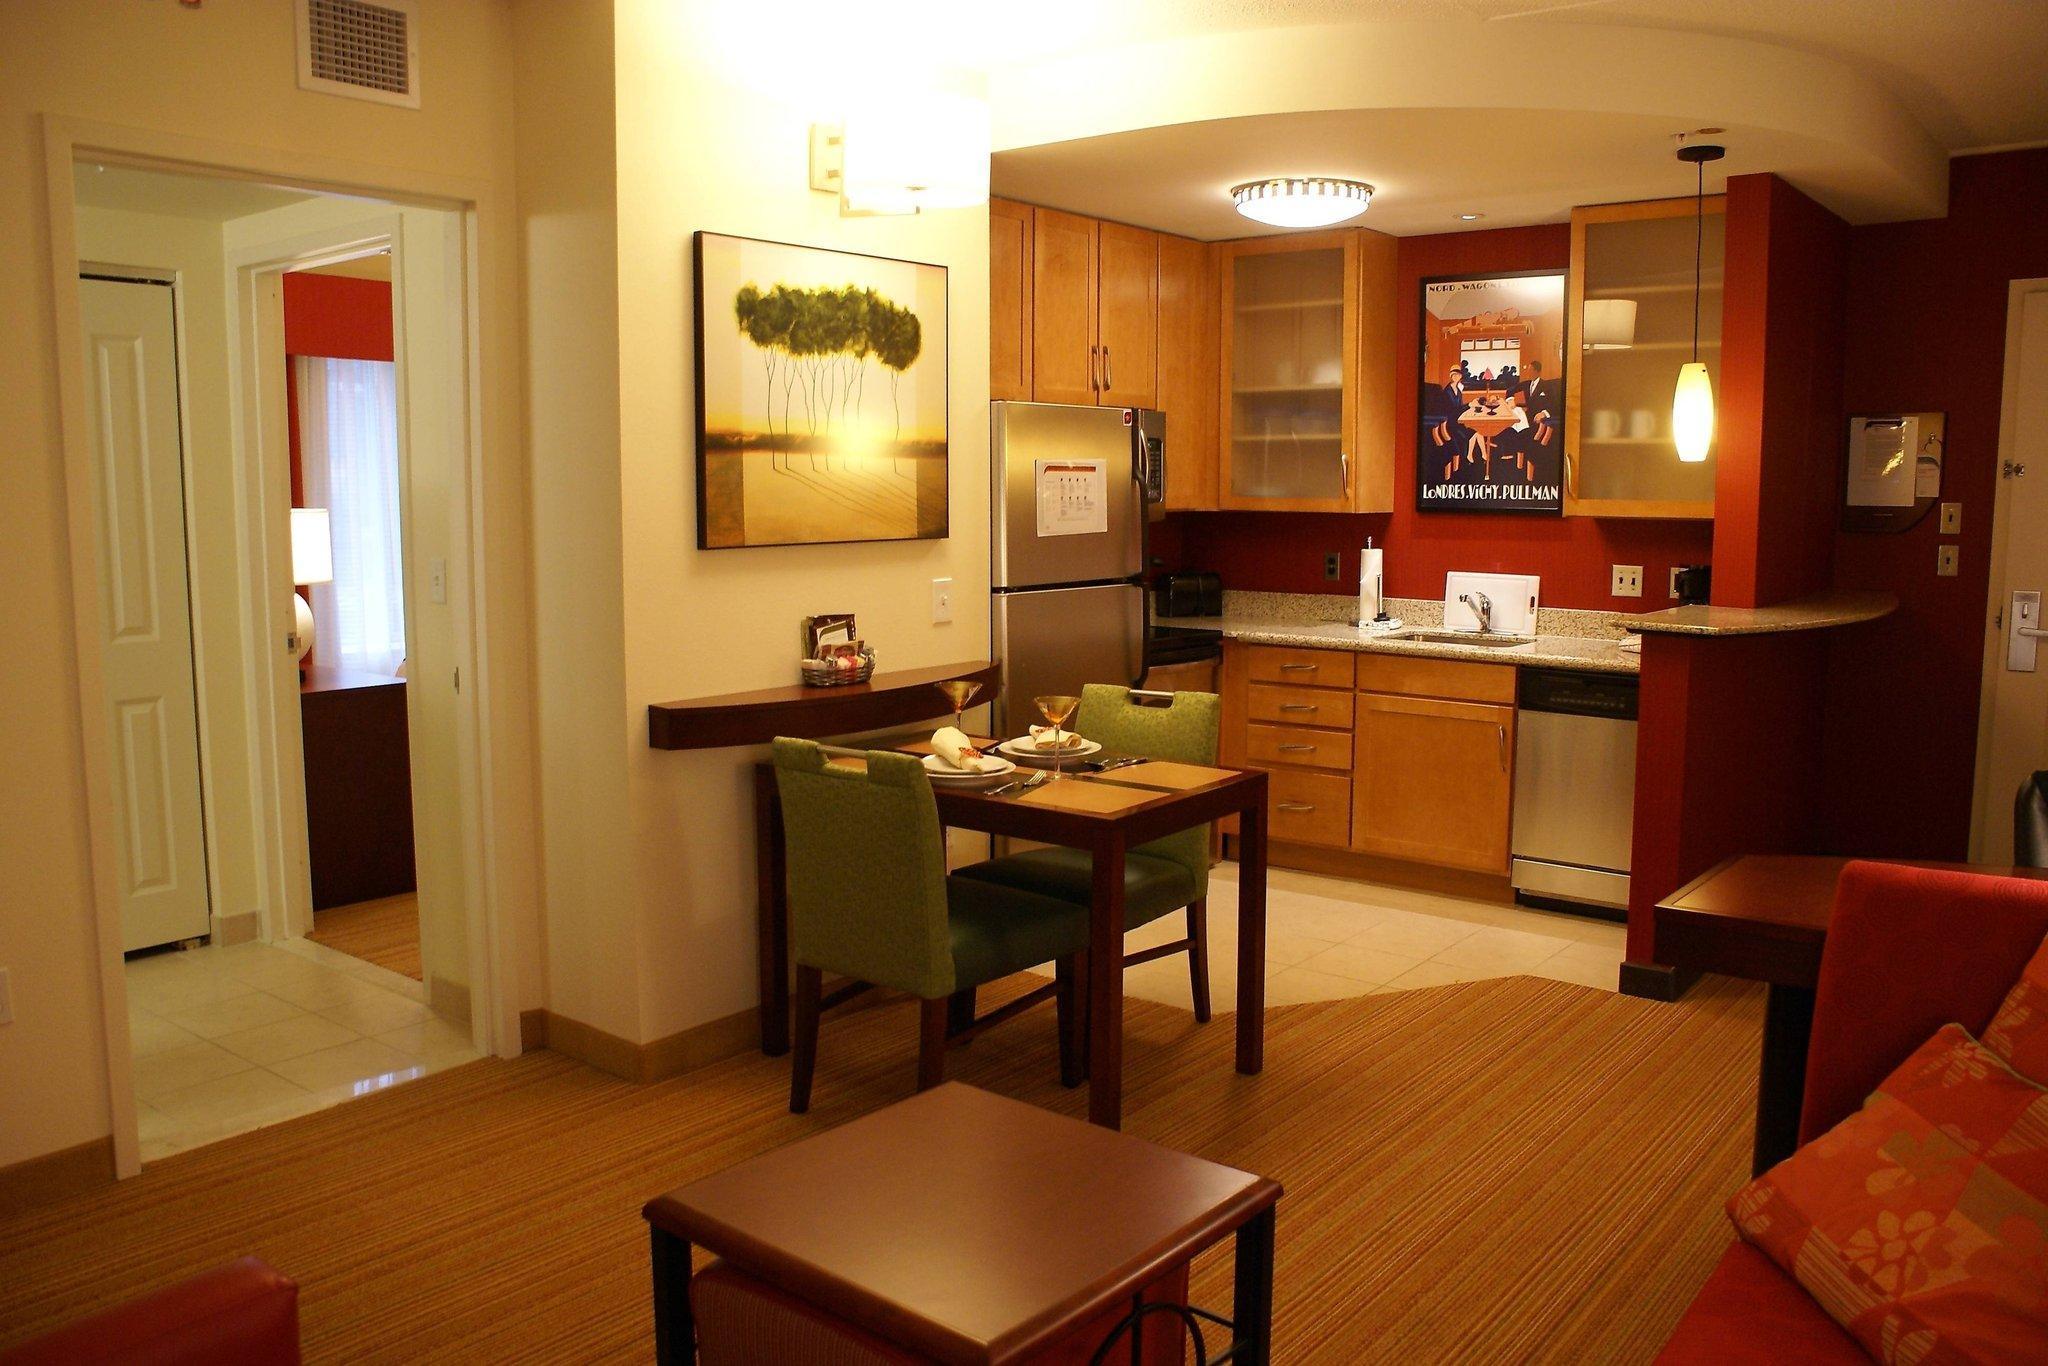 Residence Inn Pittsburgh Monroeville Wilkins Township